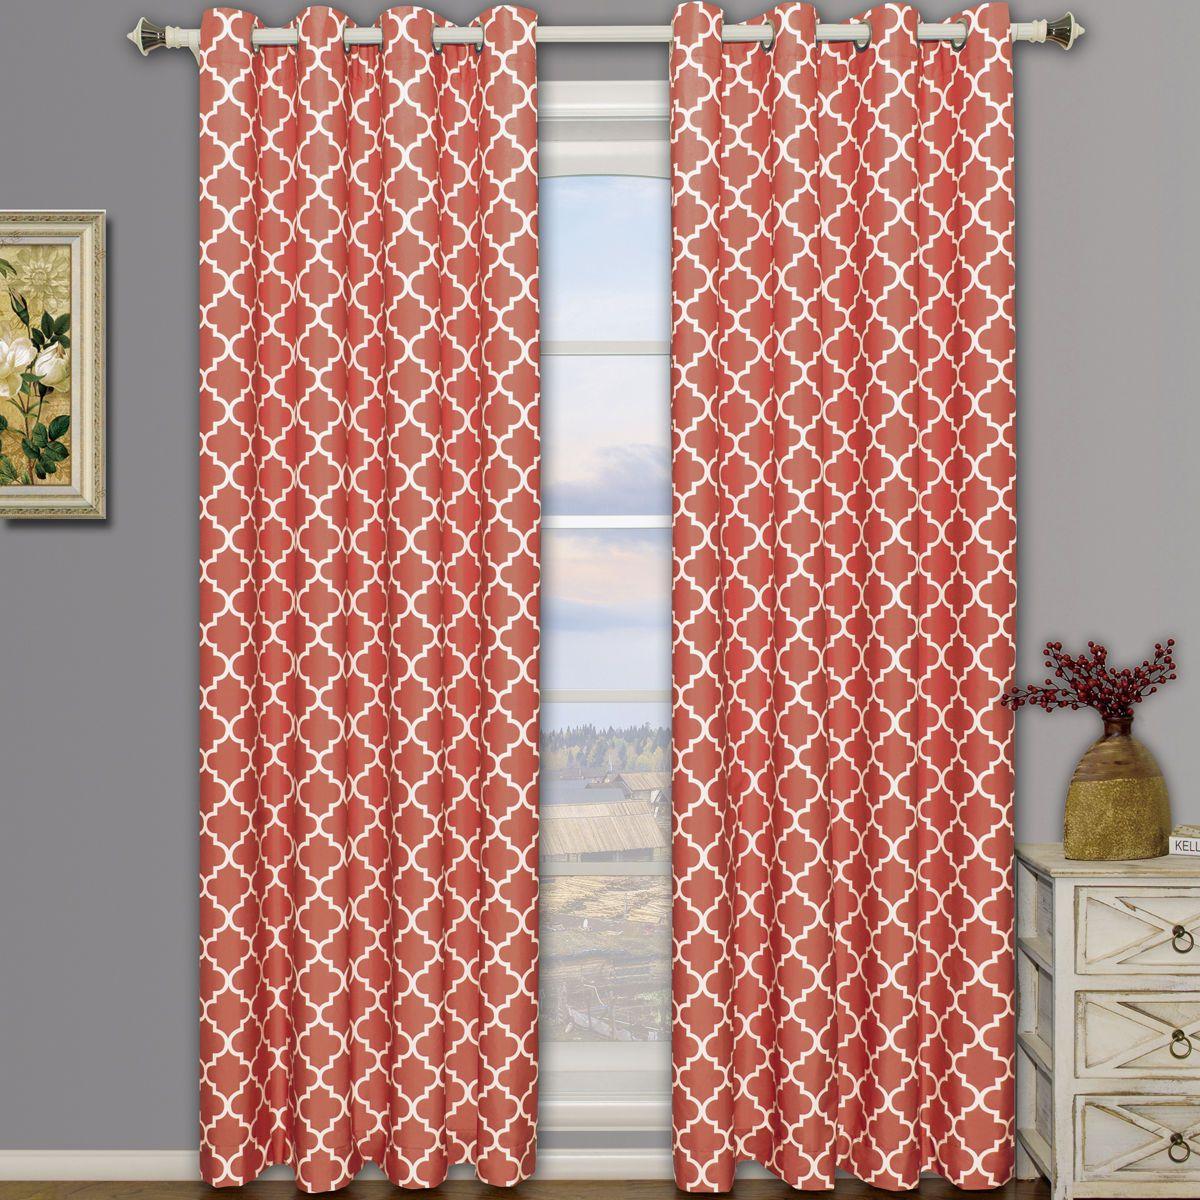 Meridian room darkening grommet top window curtain drapes thermal